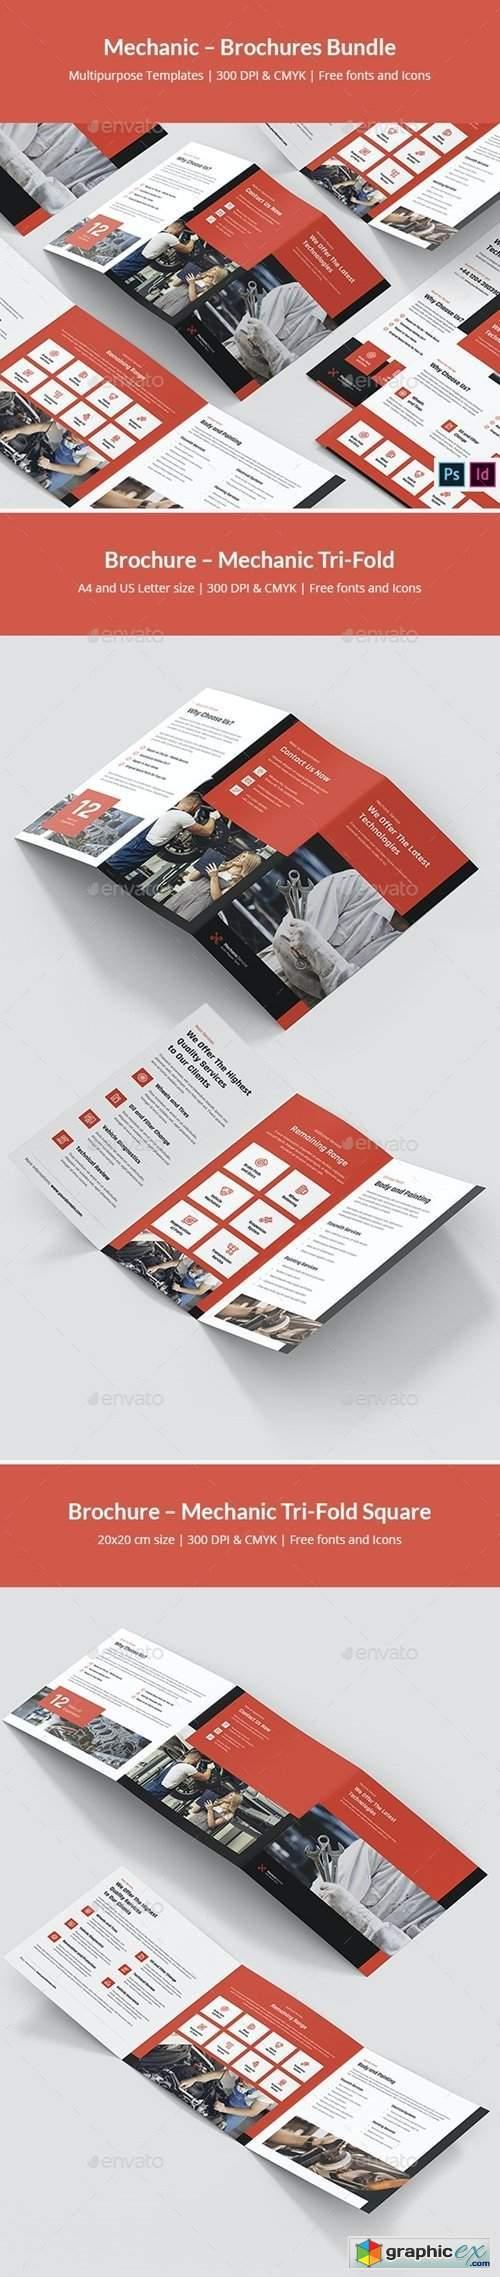 Mechanic – Brochures Bundle Print Templates 5 in 1